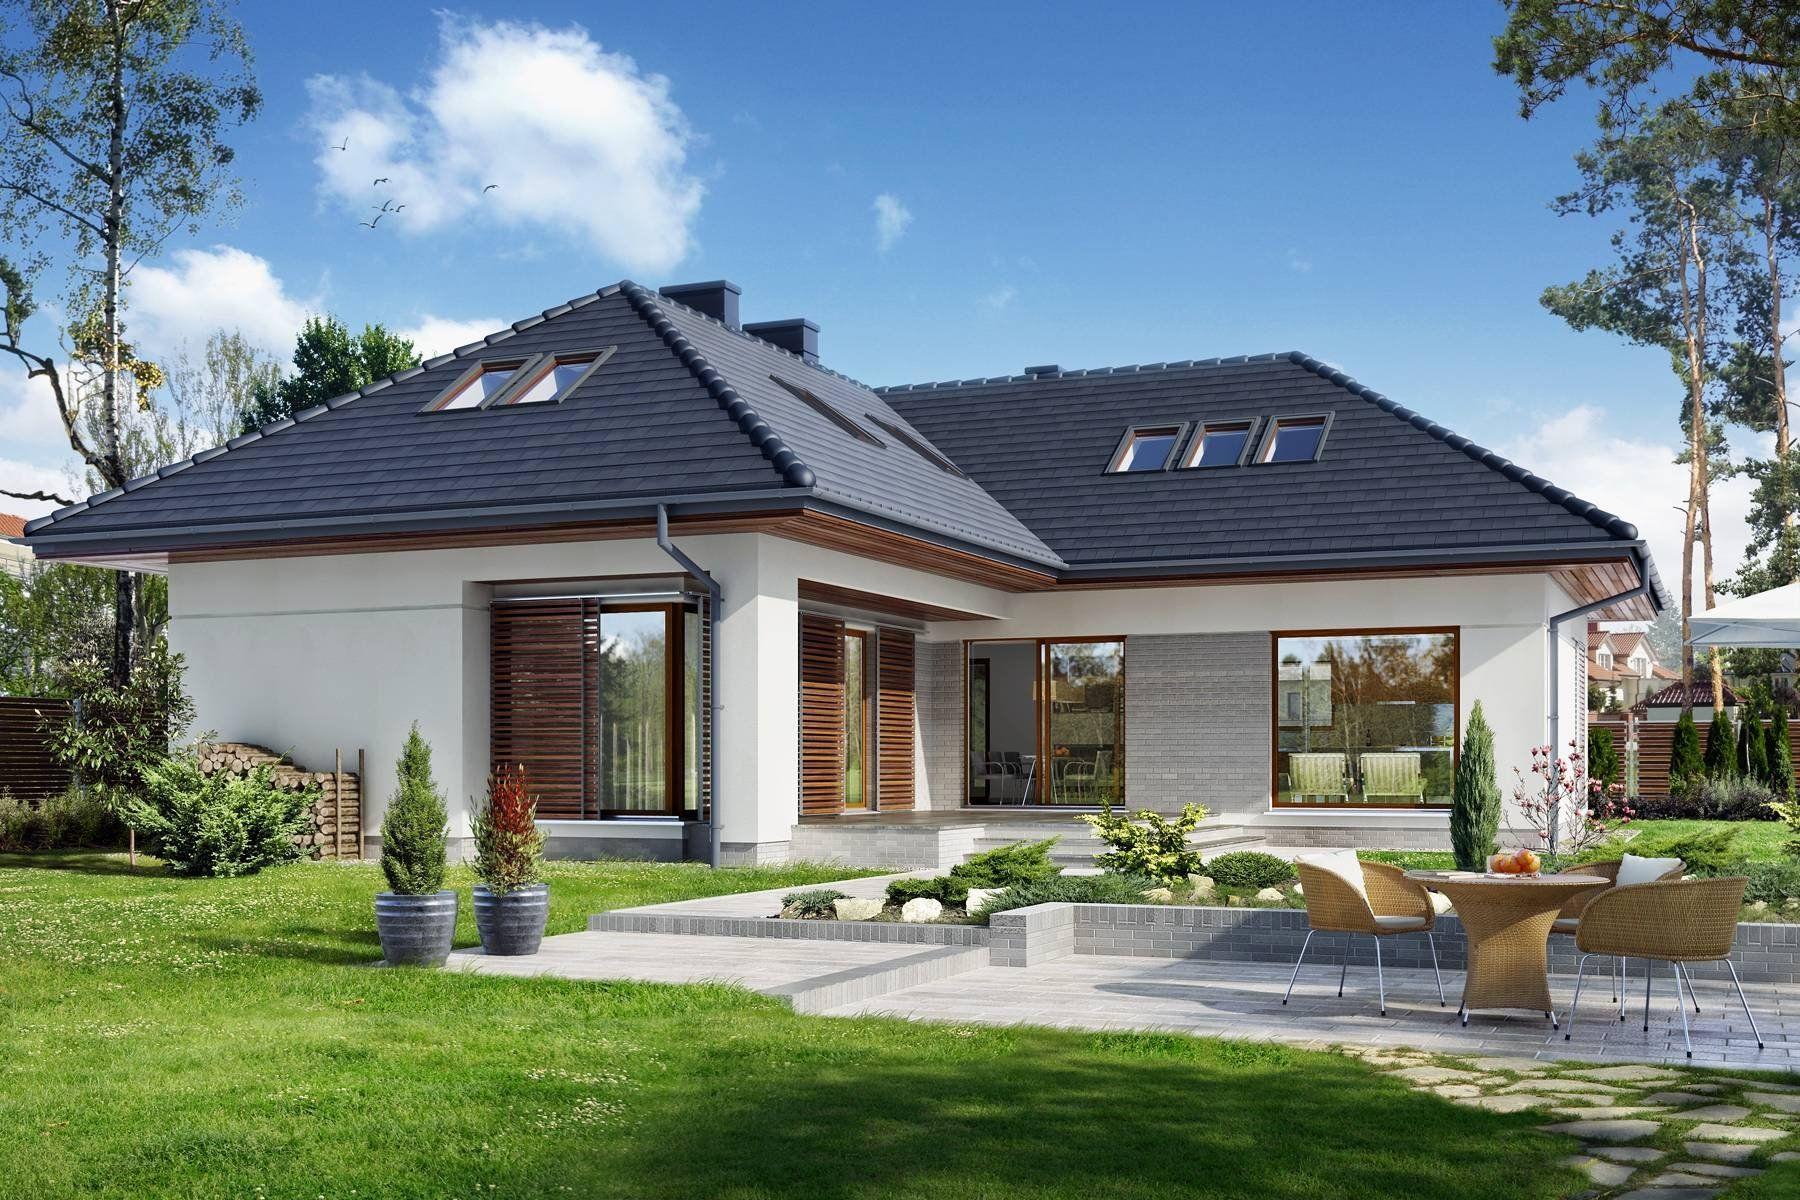 фото проекты угловых домов с мансардой рожай